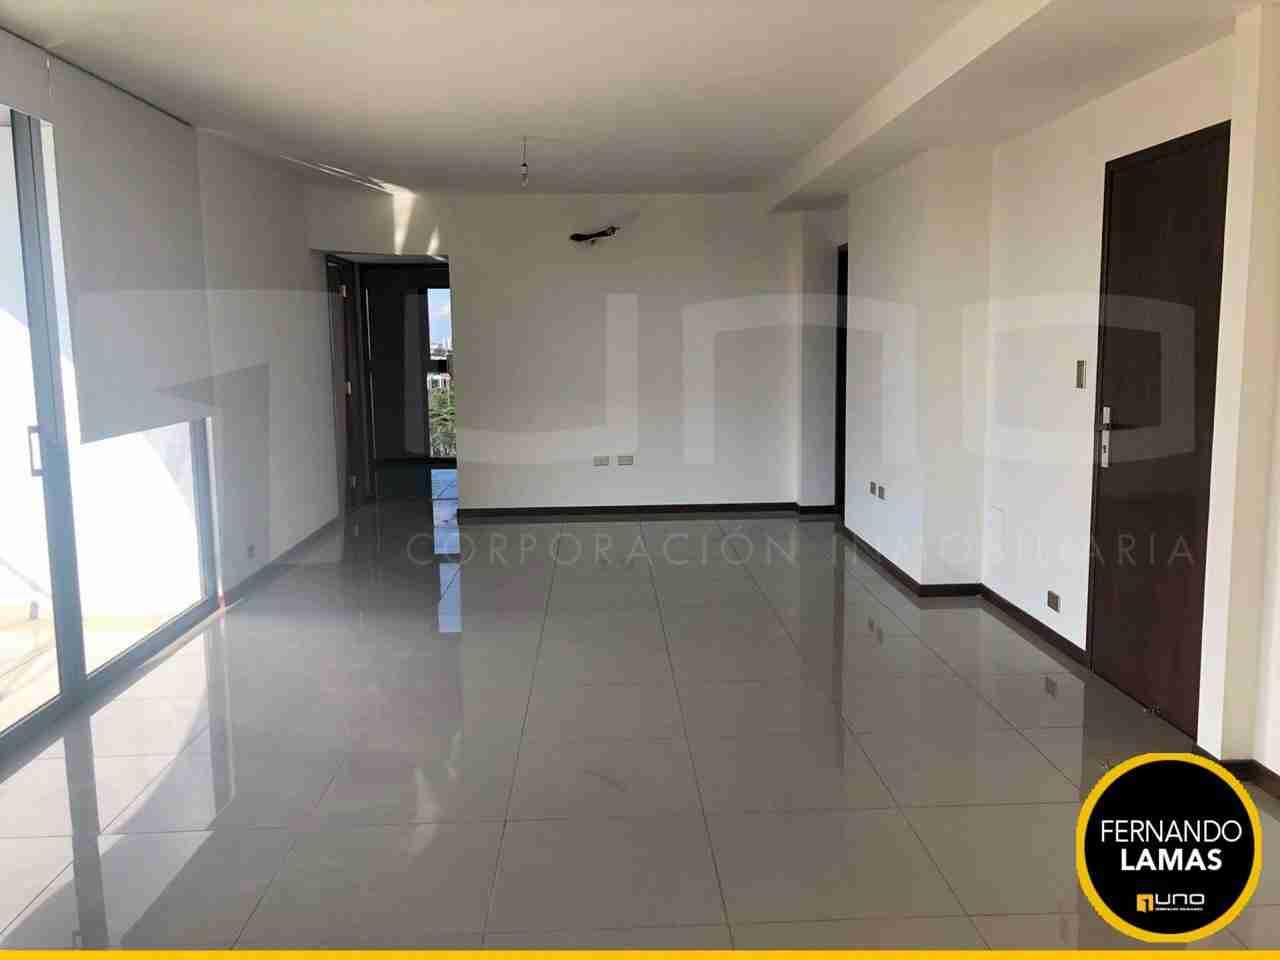 Departamento de 3 Dormitorios en Alquiler, Edificio Macororo 11, Zona Equipetrol, Santa Cruz, Bolivia (4)